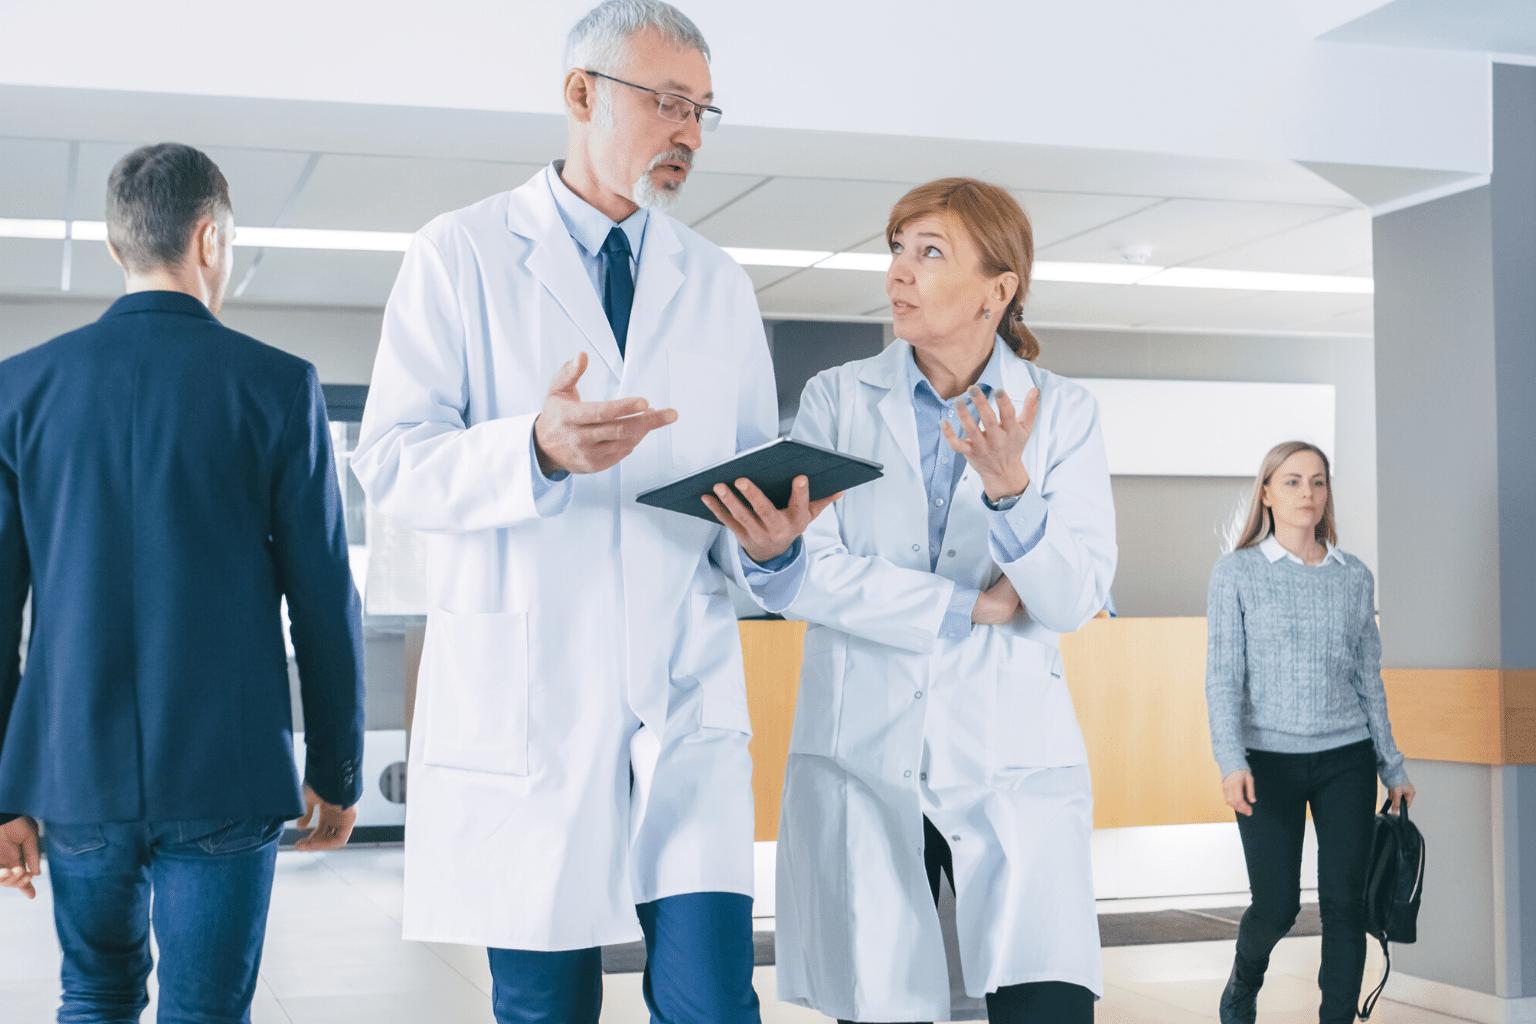 Clinicians discussing a patient case